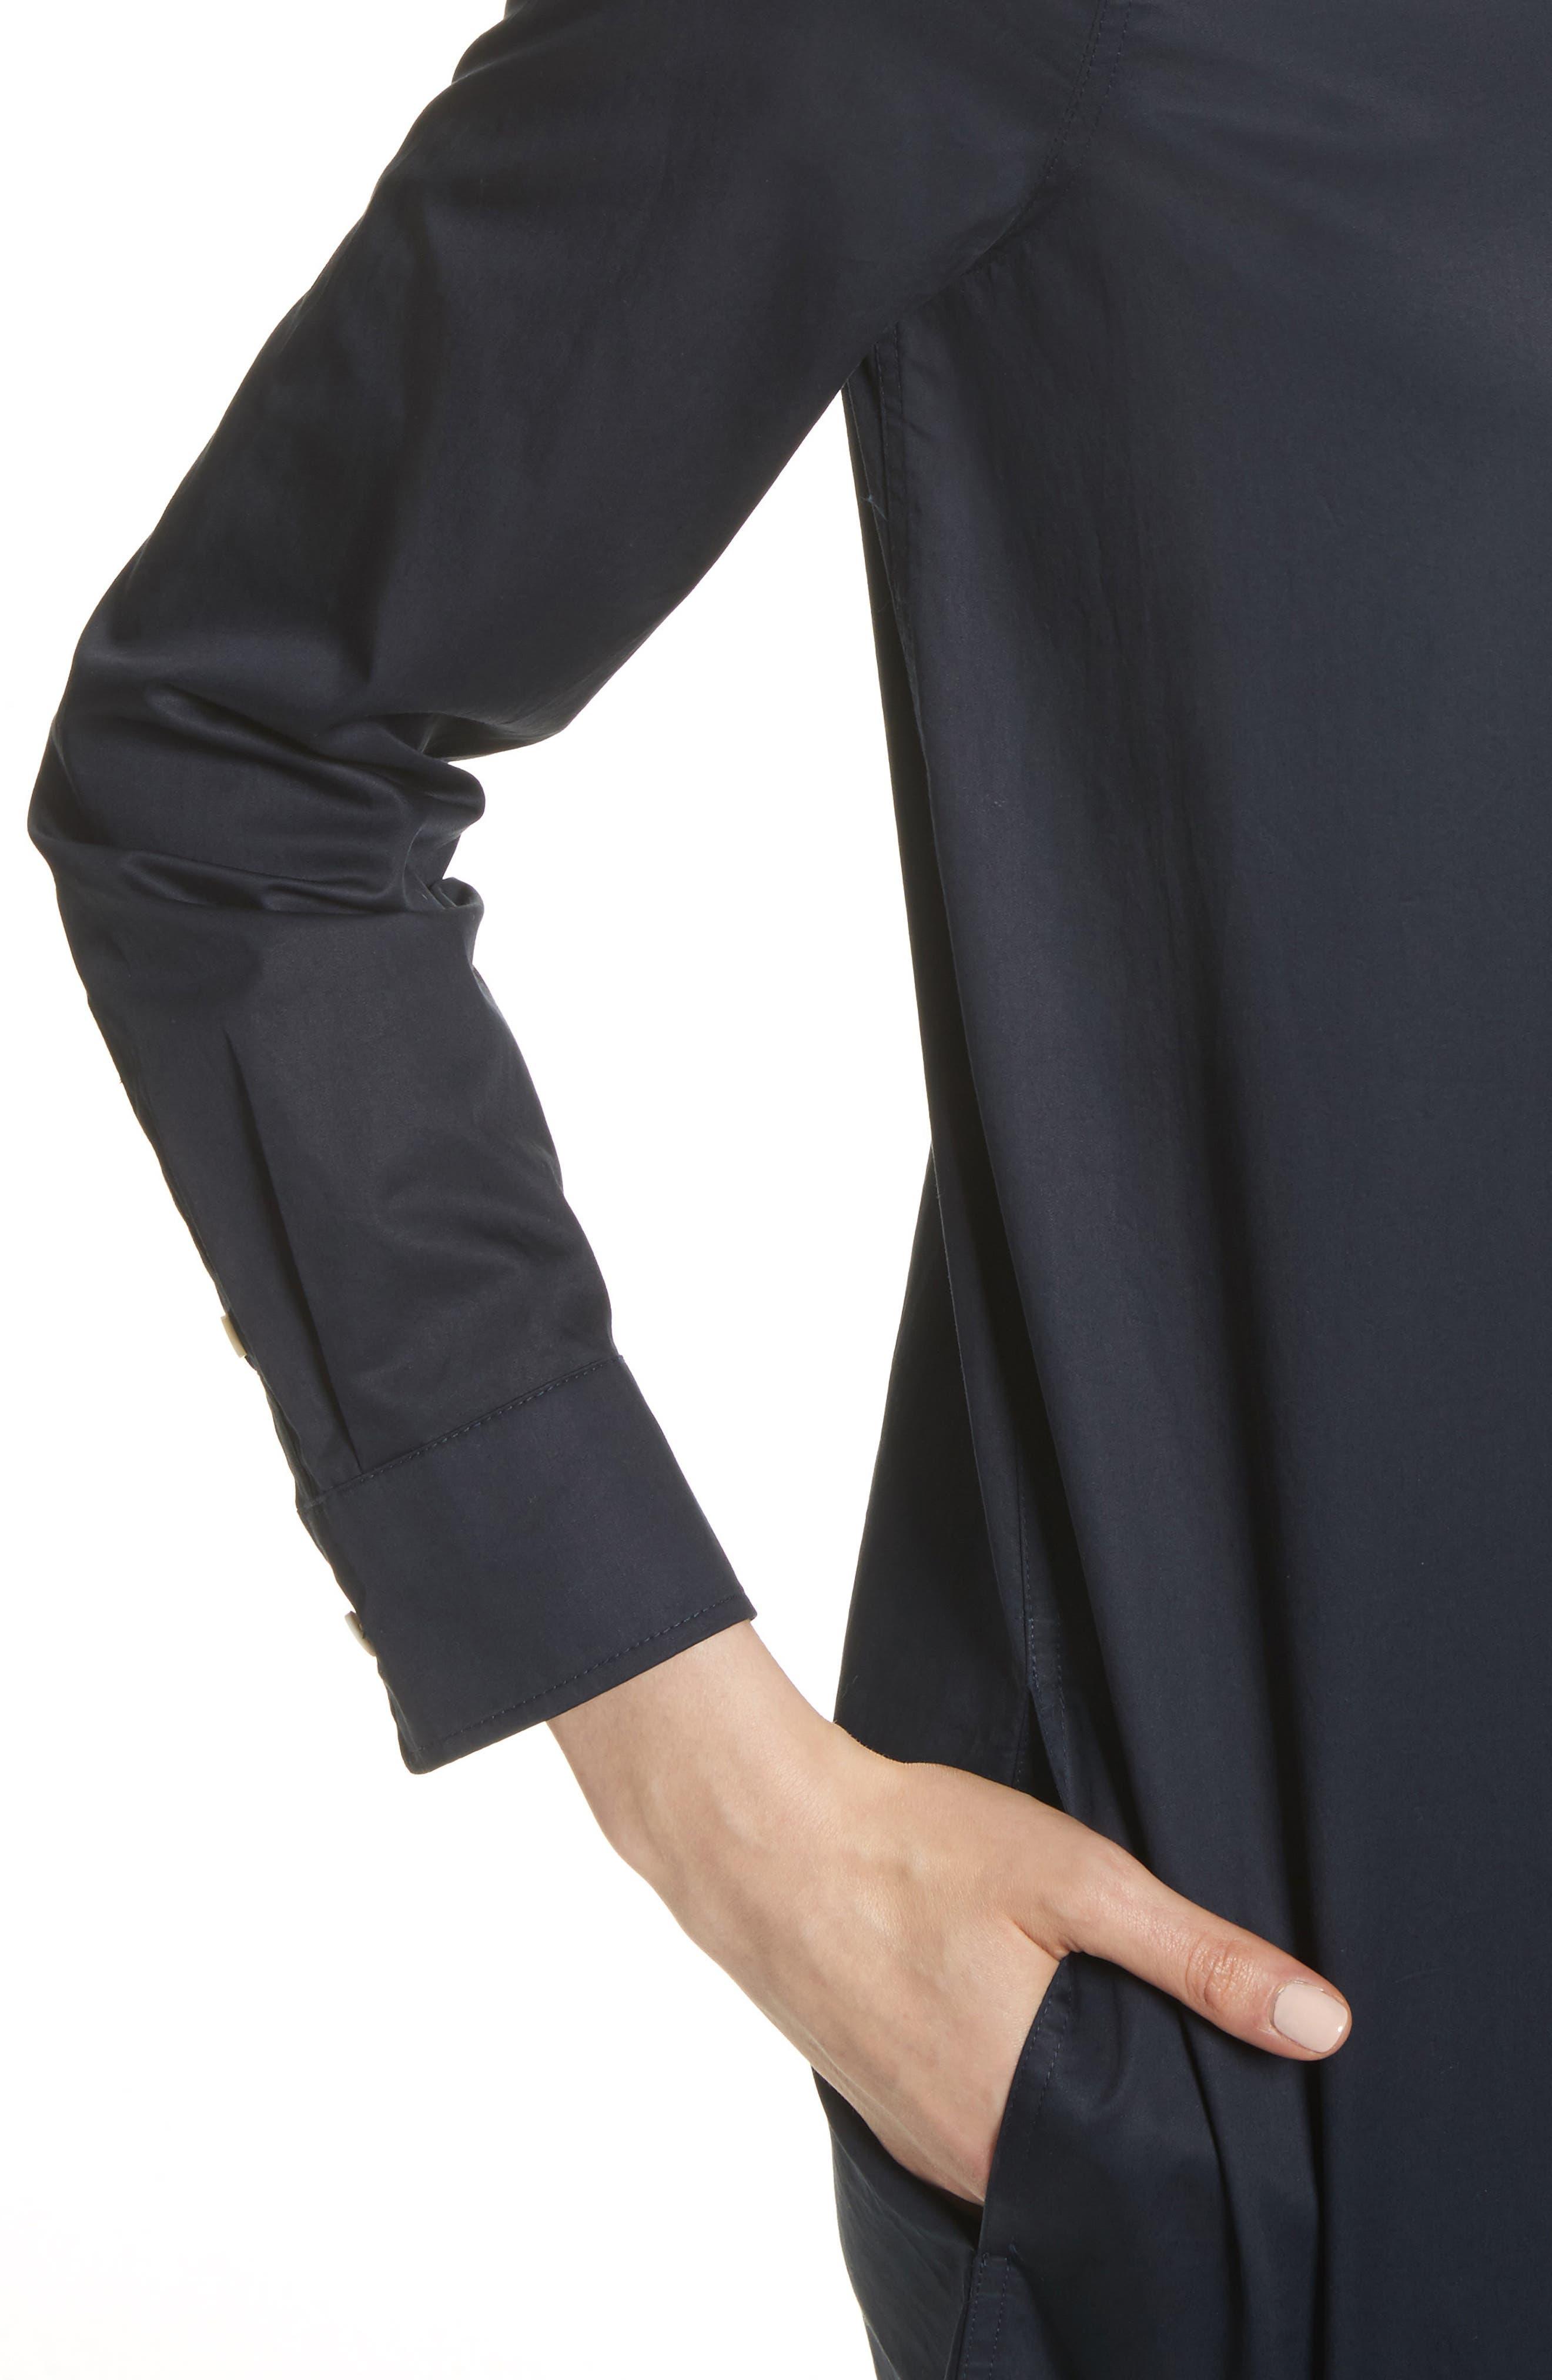 Carmine Cotton Shirtdress,                             Alternate thumbnail 4, color,                             Eclipse